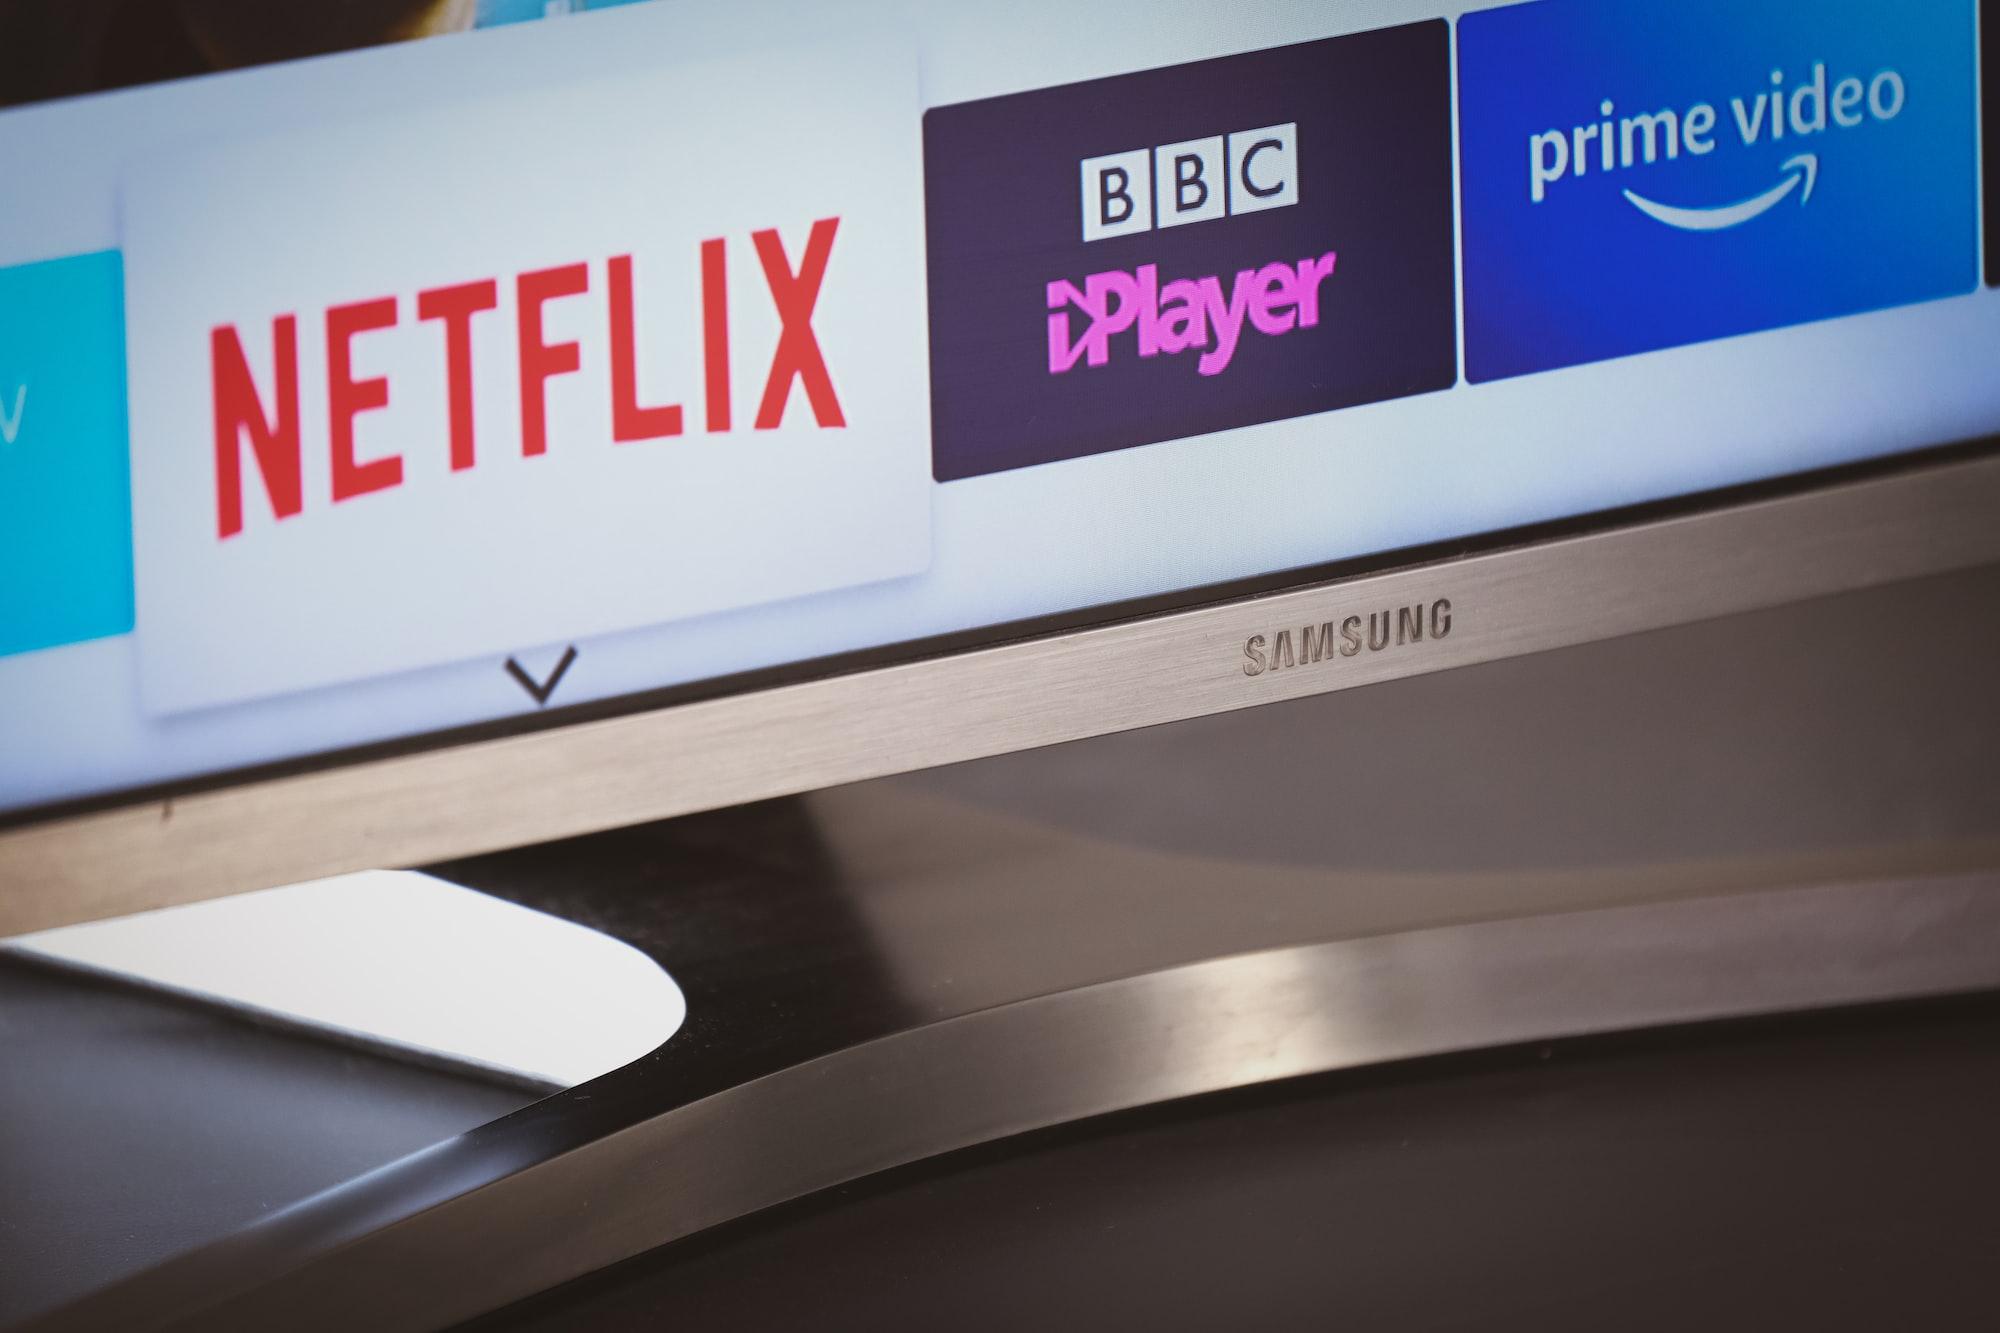 VPN alternatives for BBC iPlayer that work in 2021